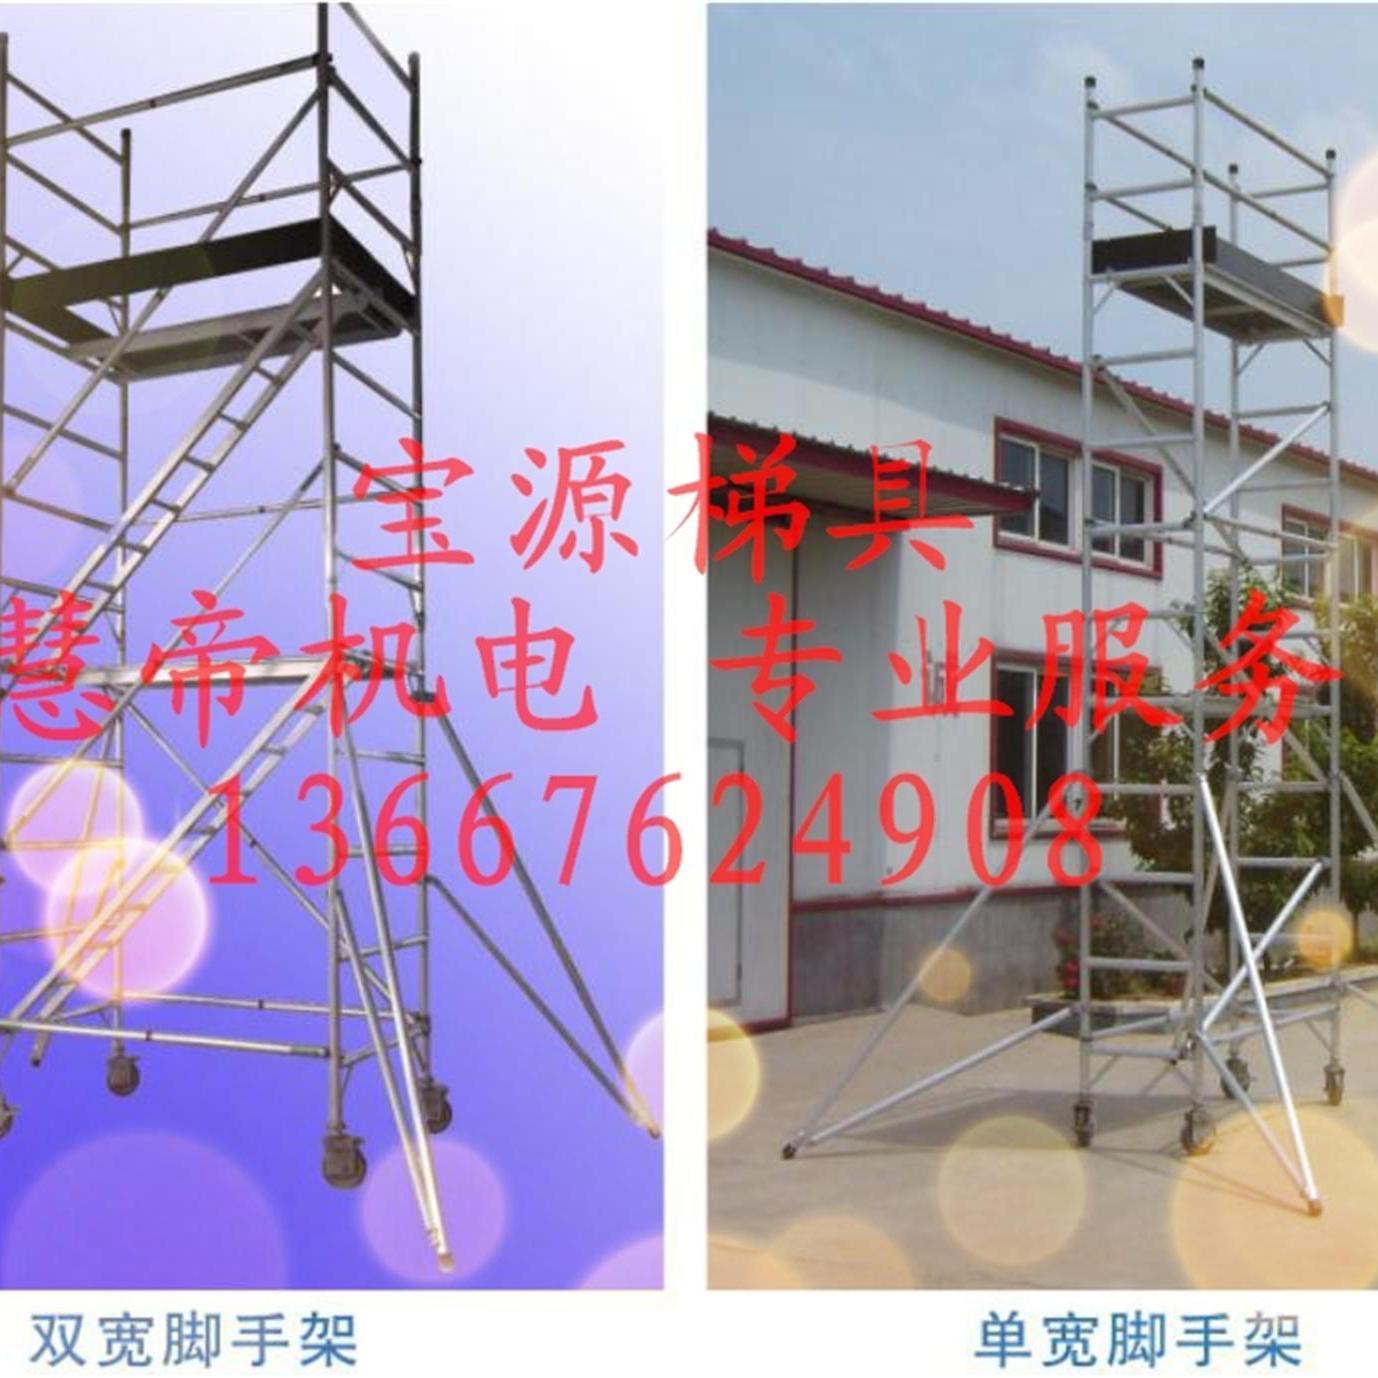 宝源可拆卸双宽铝合金脚手架 移动平台 铝合金脚手架铝合金脚手移动工作平台 工程梯子装修脚手架厂家